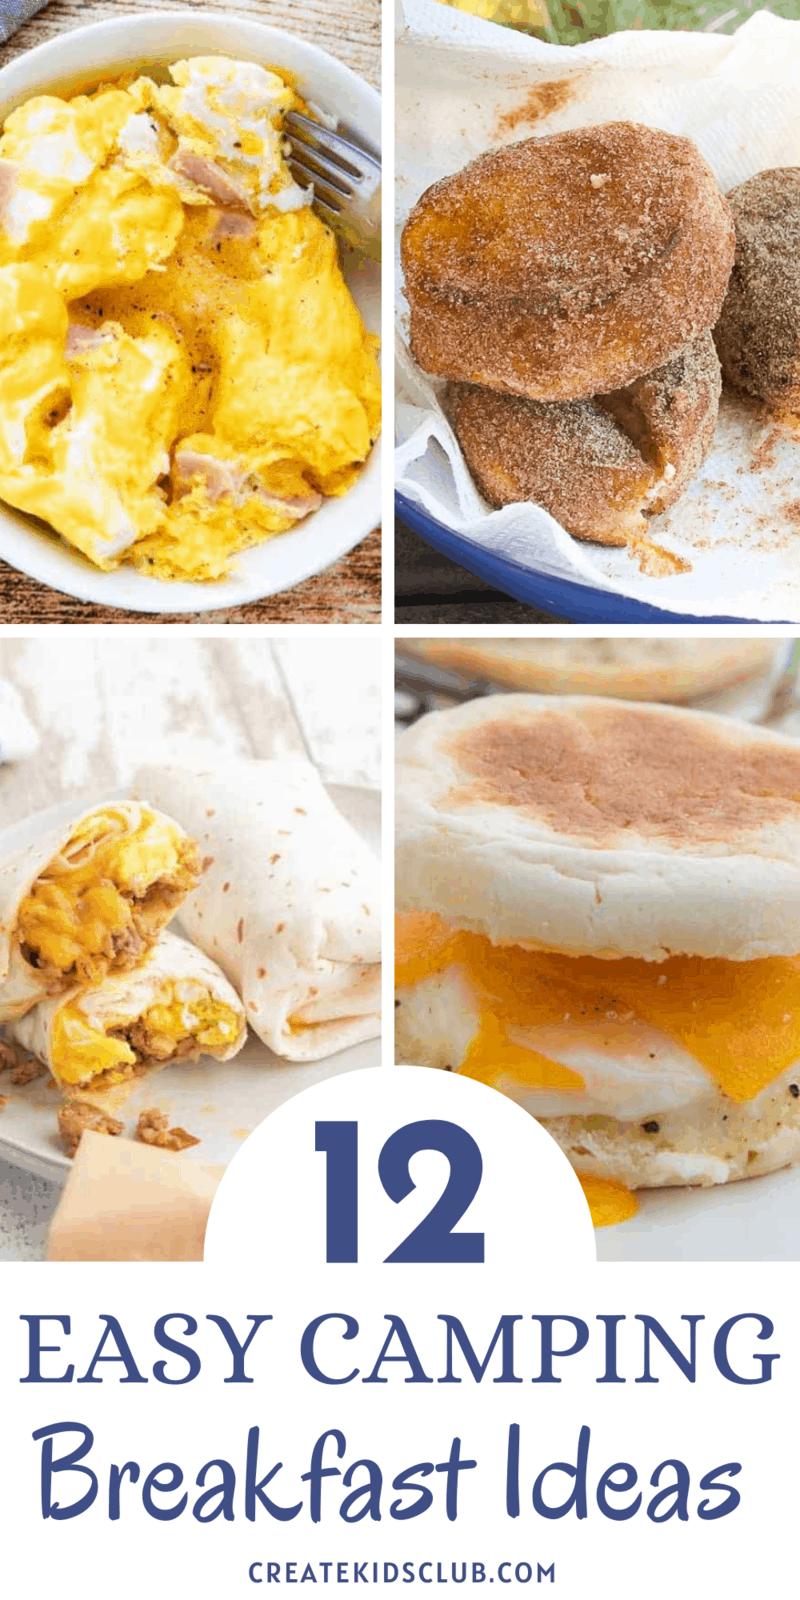 12 Easy Camping Breakfast Ideas